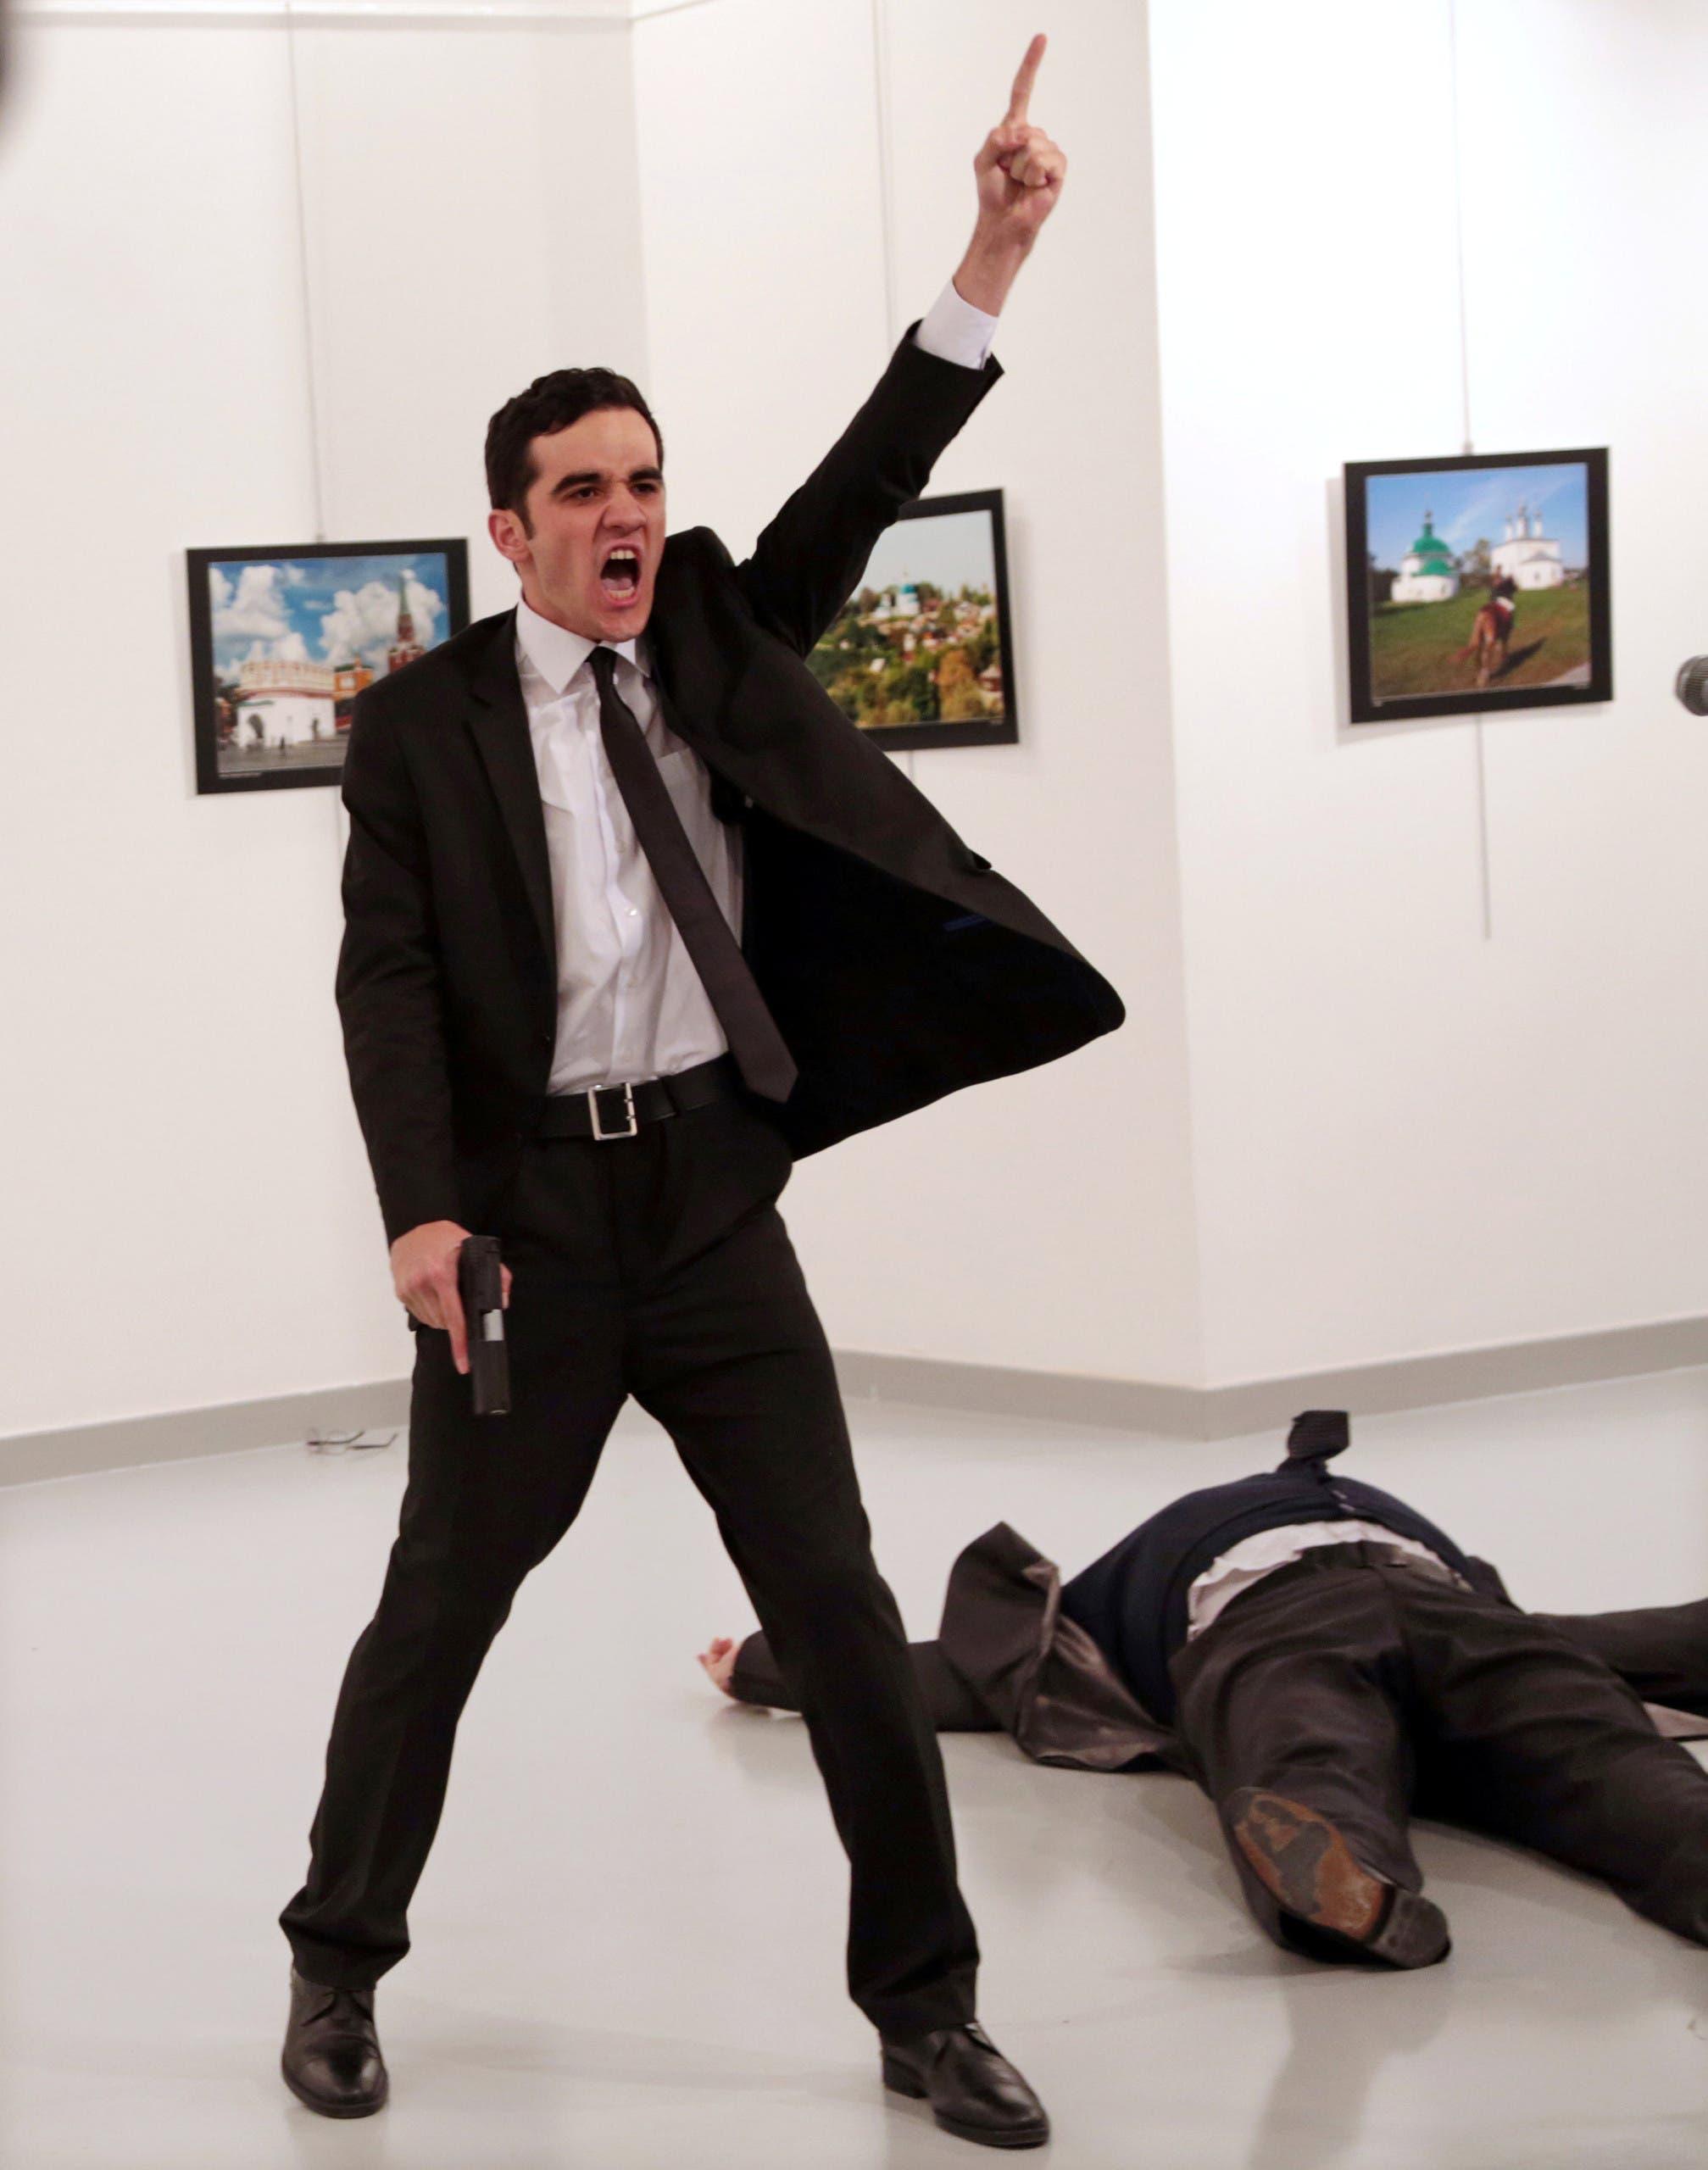 صورة القاتل التركي تفوز بجائزة صورة العام